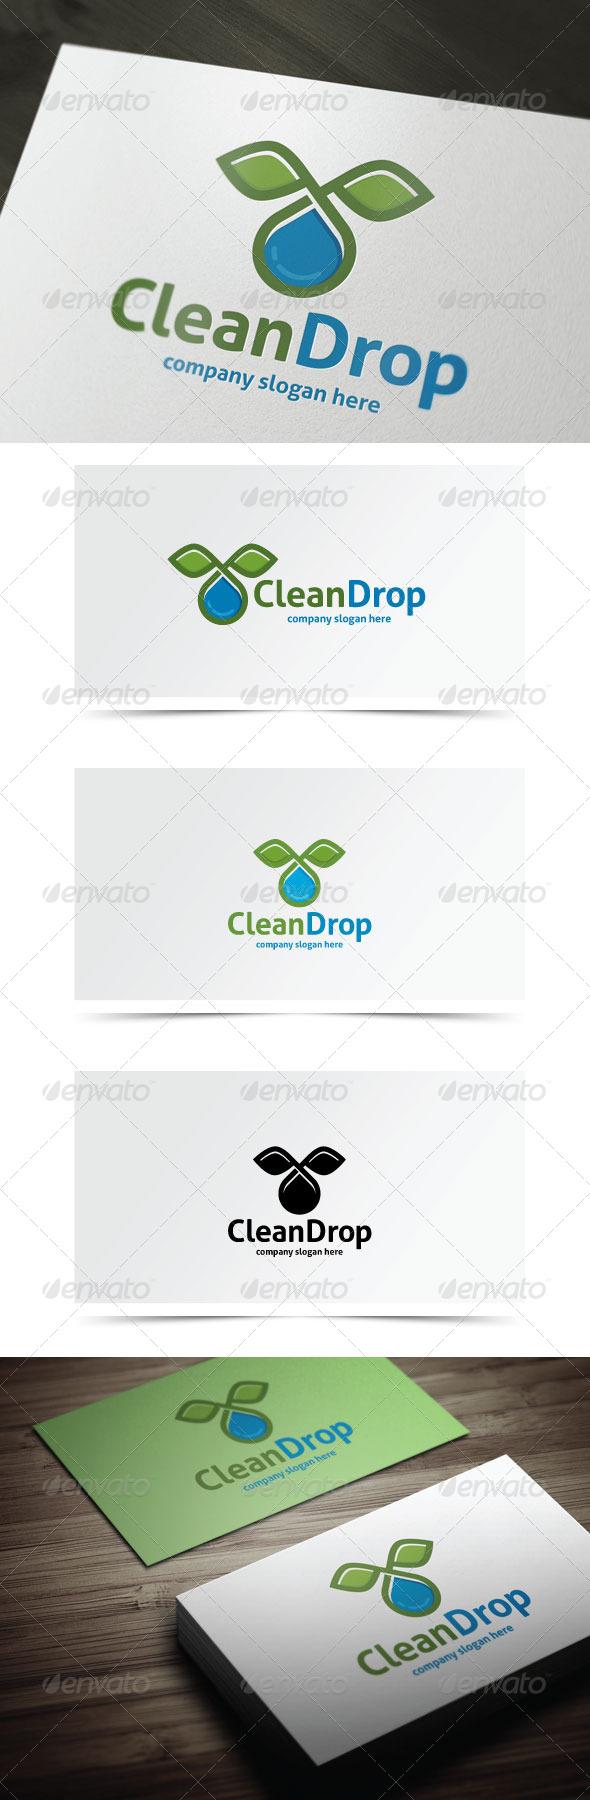 Clean Drop